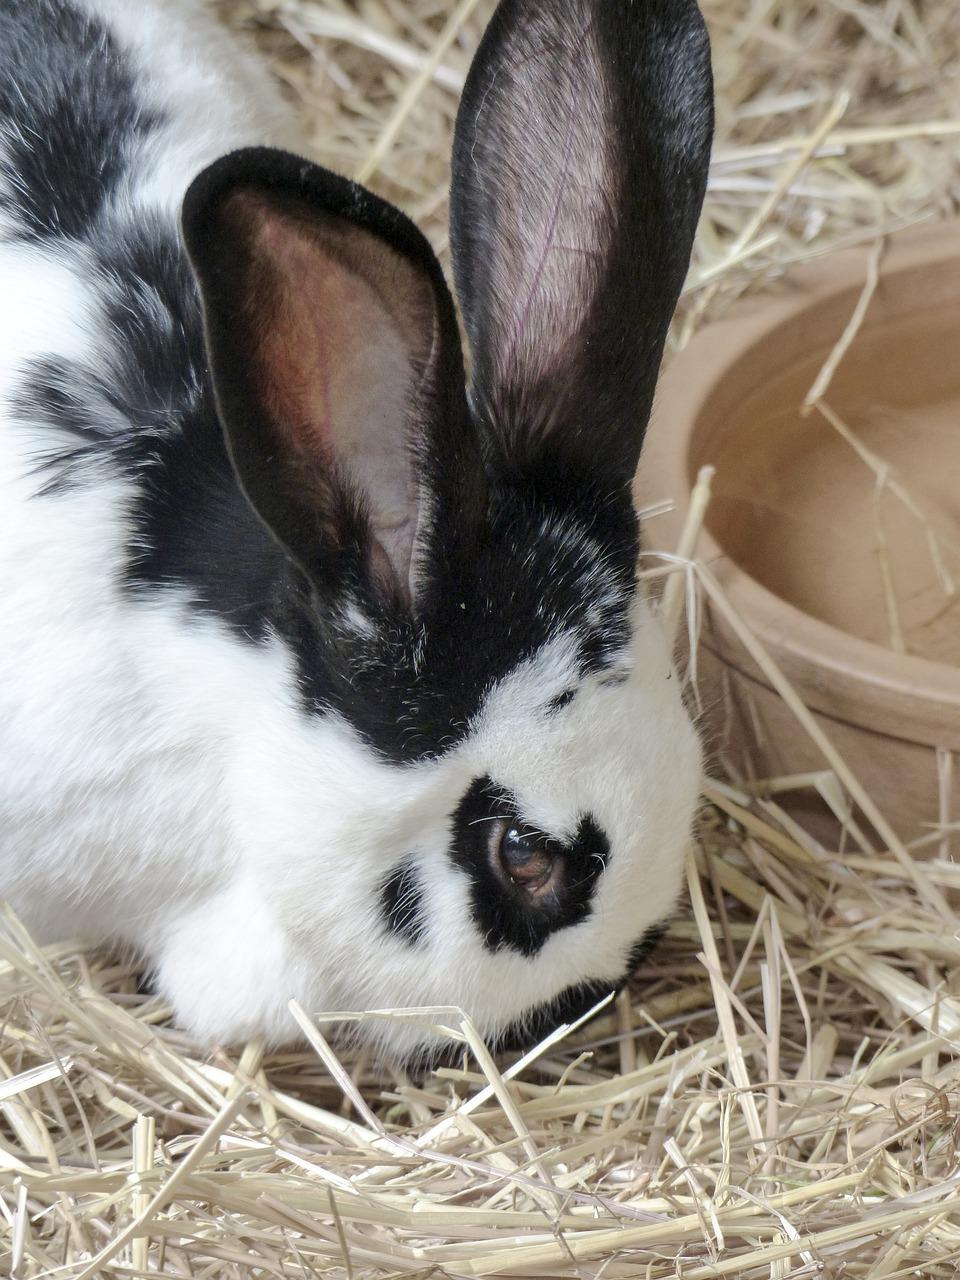 梦见自己逮住一只兔子 梦见抓野兔子是什么预兆